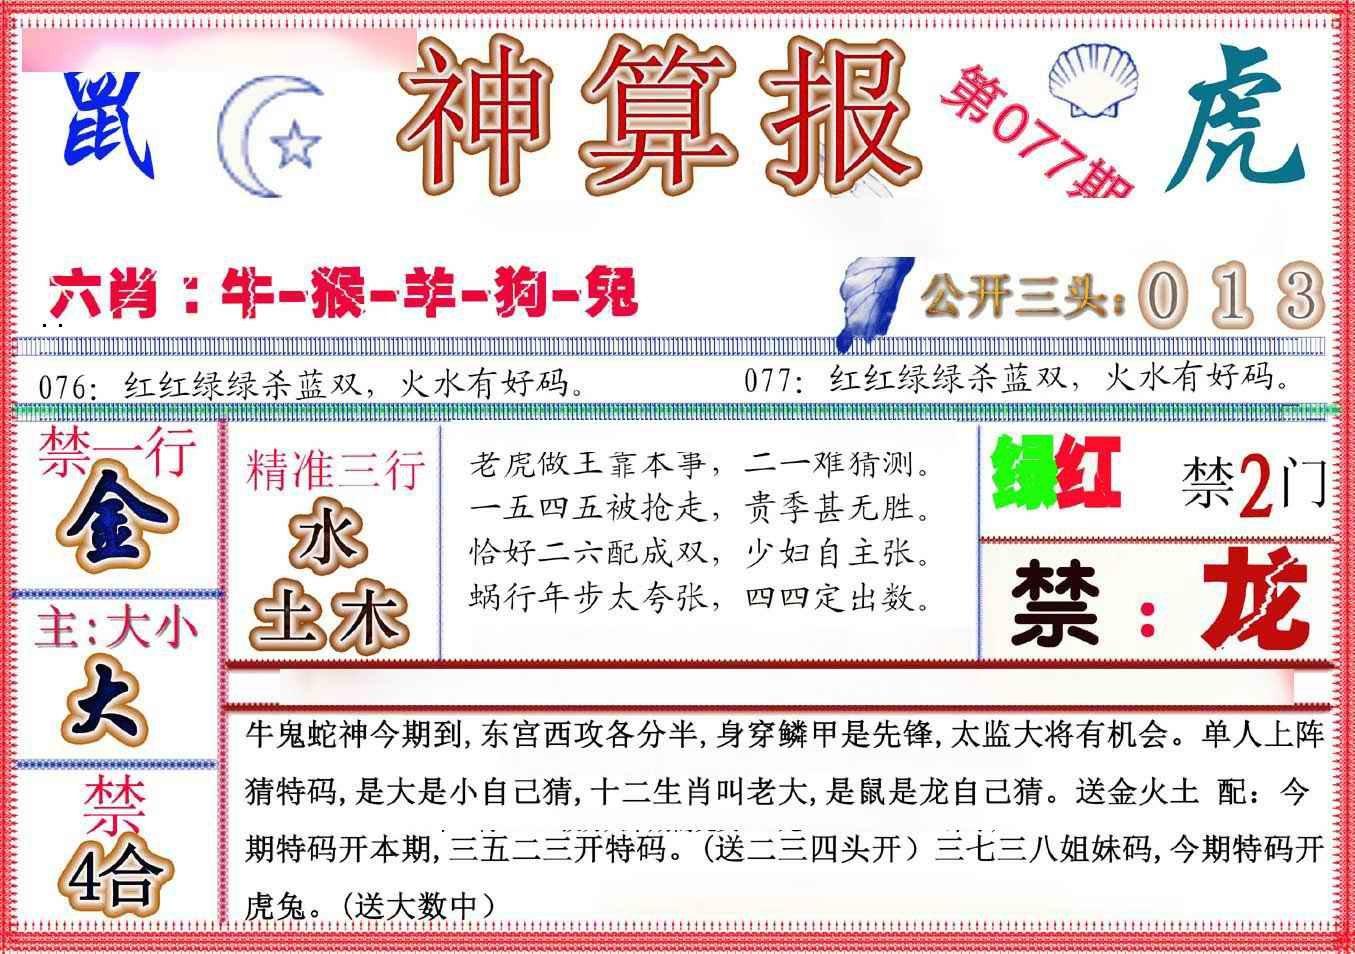 077期神算报(新版)